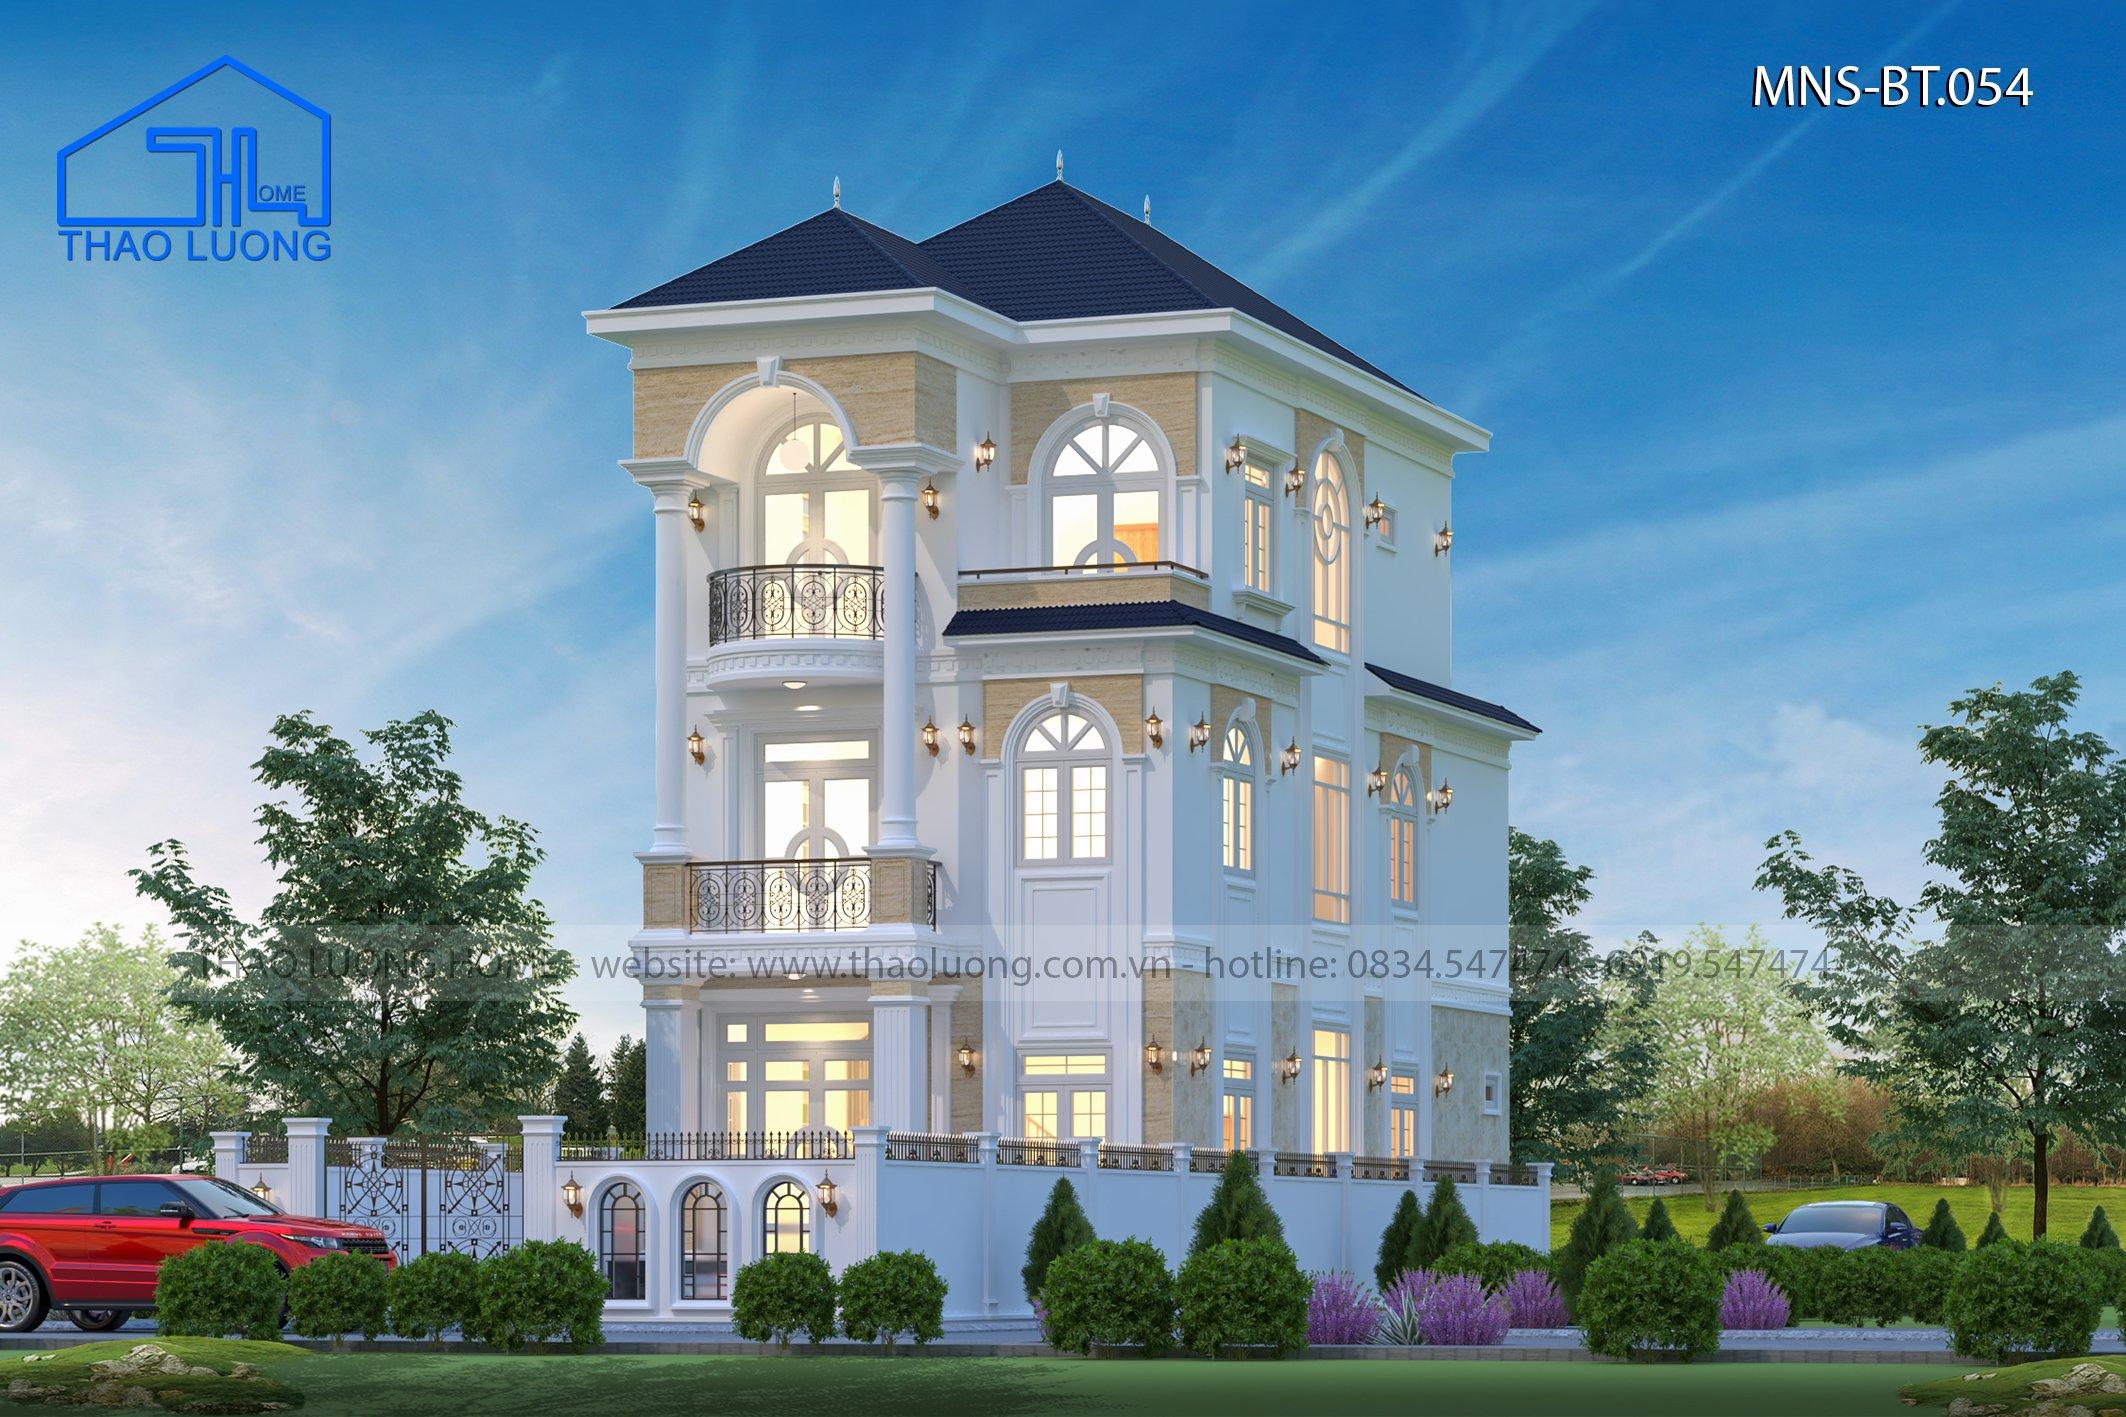 Biệt thự nhà mái nhật 3 tầng- Thảo Lương Home